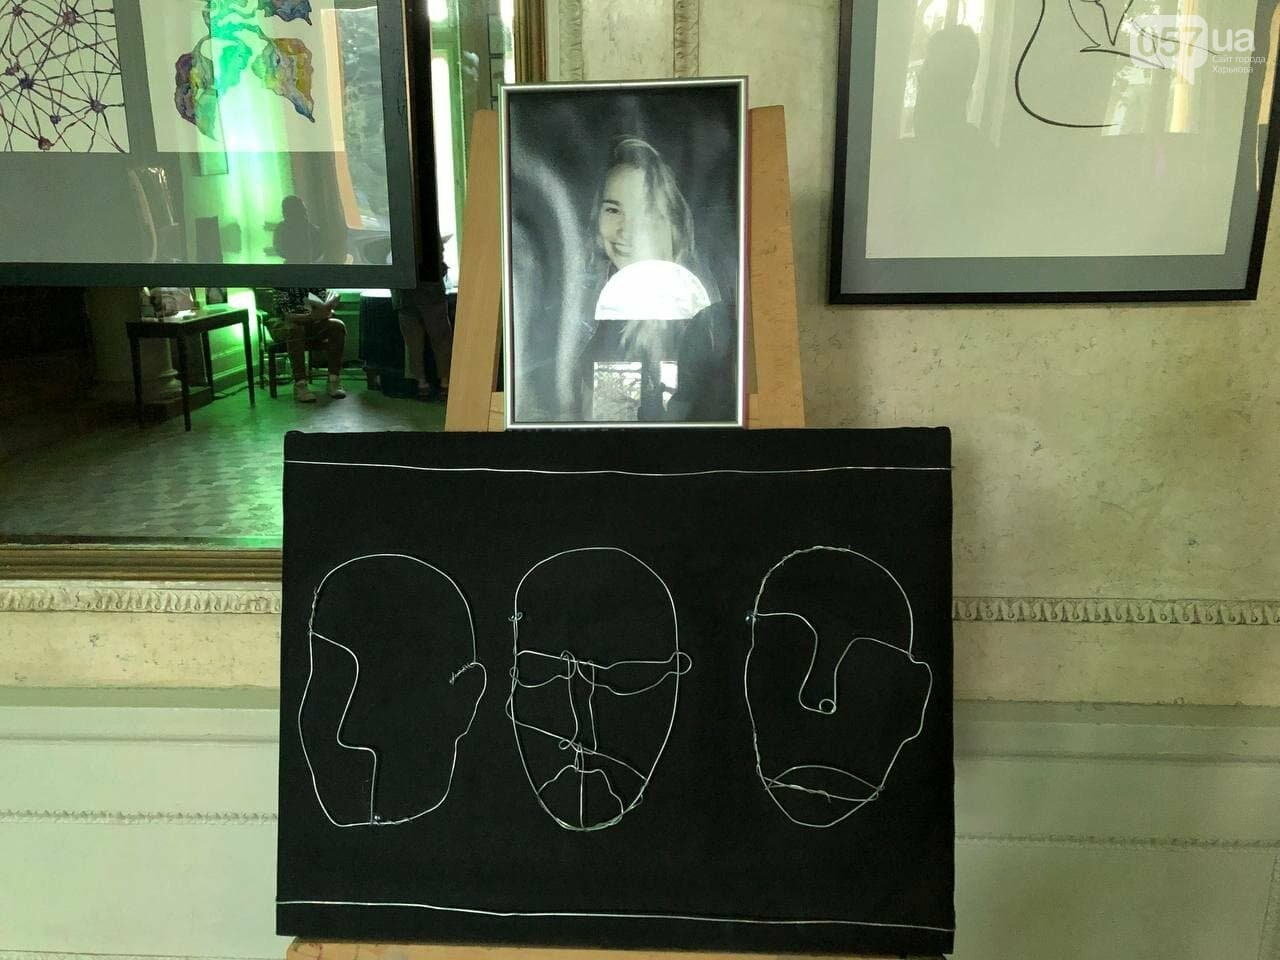 В Харькове прошла благотворительная выставка памяти молодой художницы, скончавшейся от приступа эпилепсии, - ФОТОРЕПОРТАЖ, фото-10